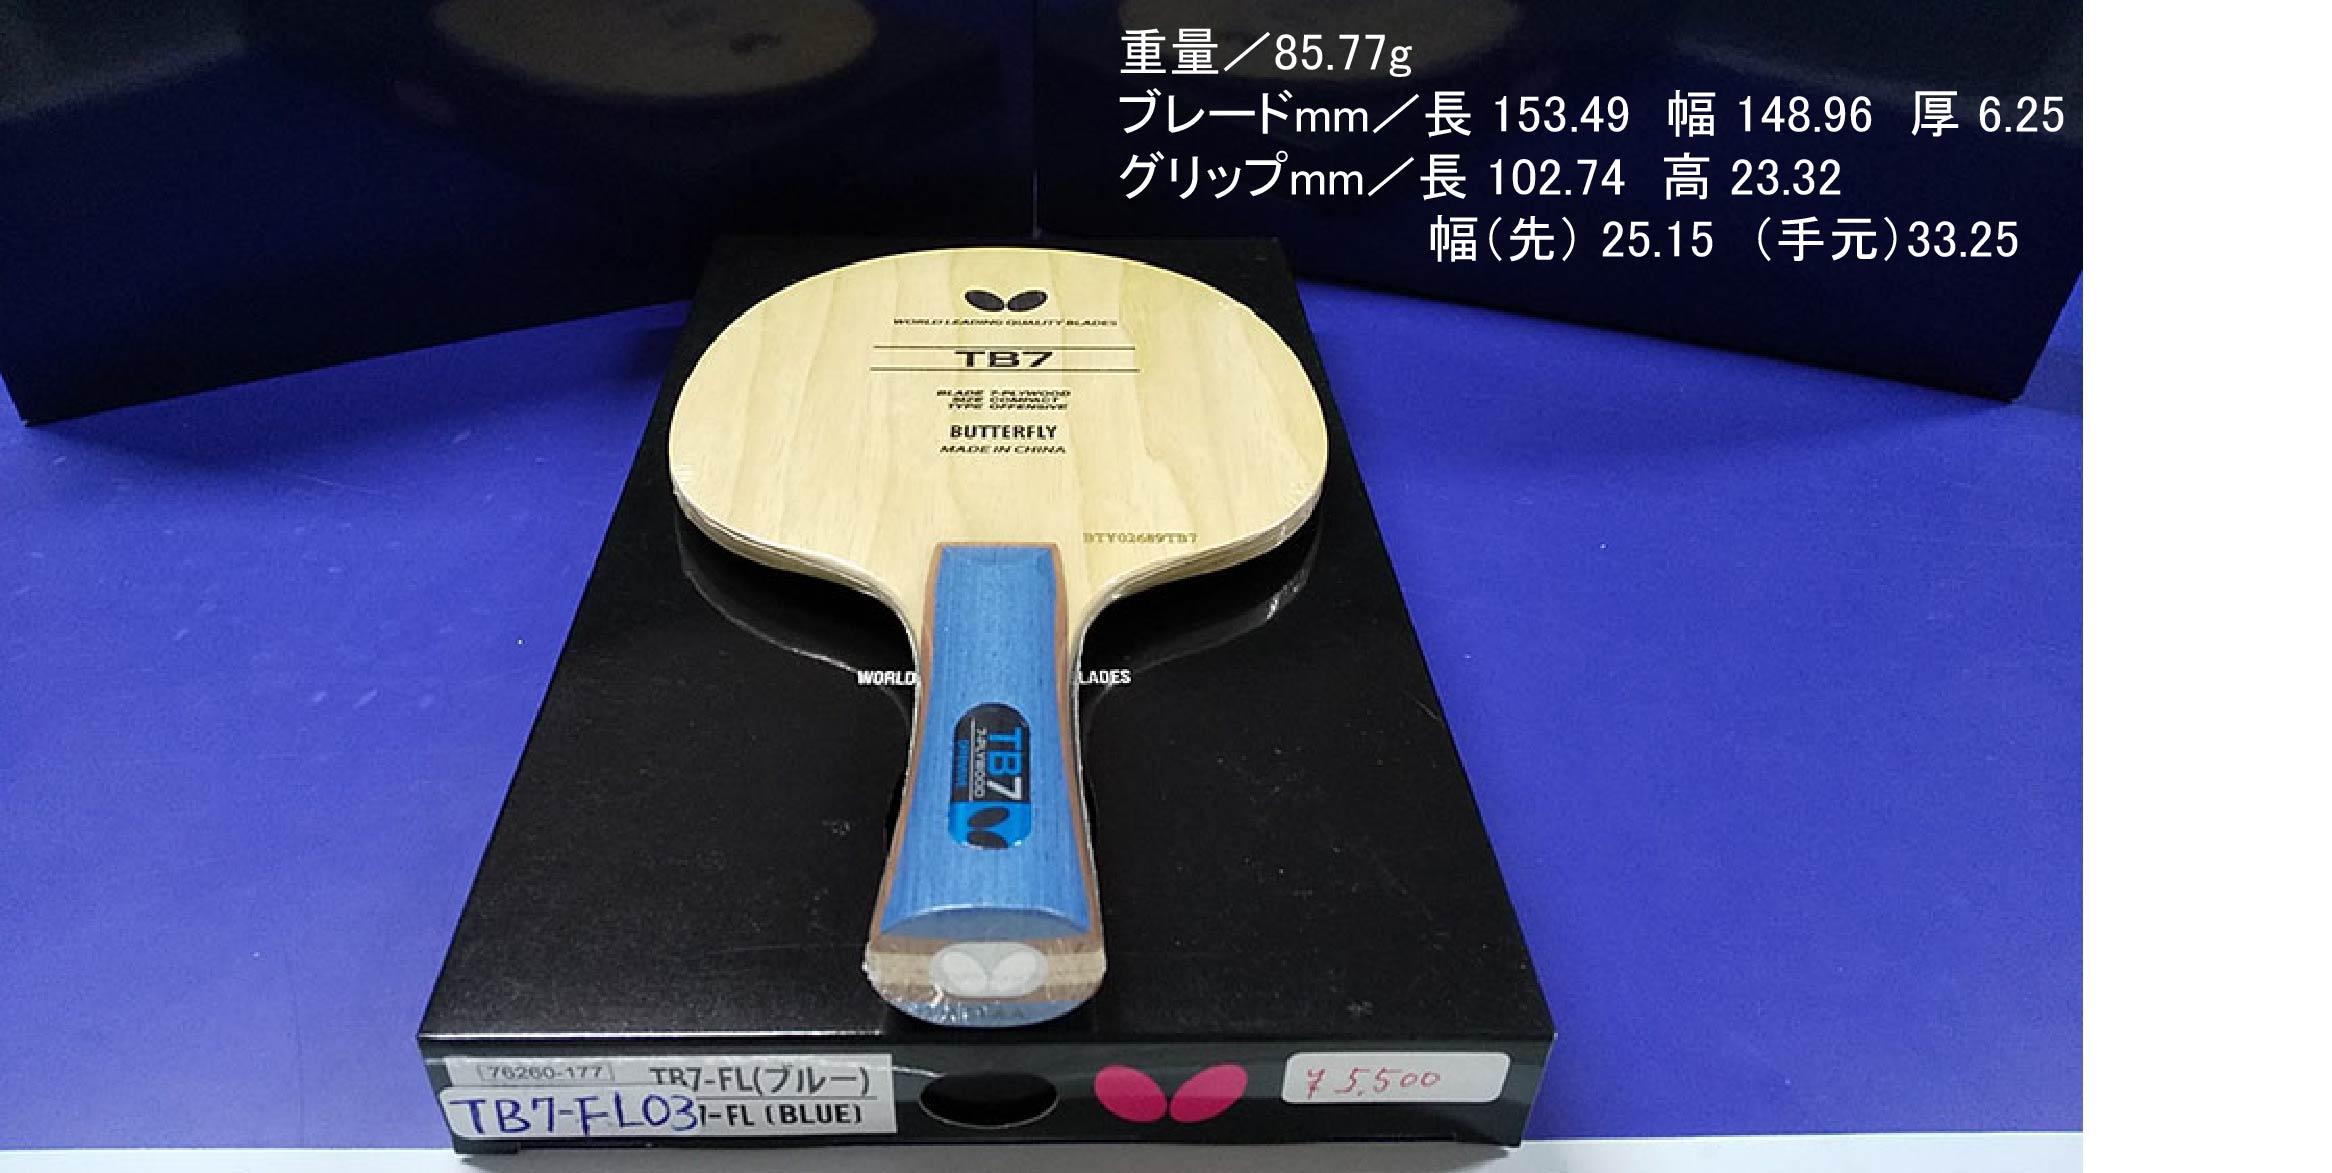 ButterflyTB7-FL01